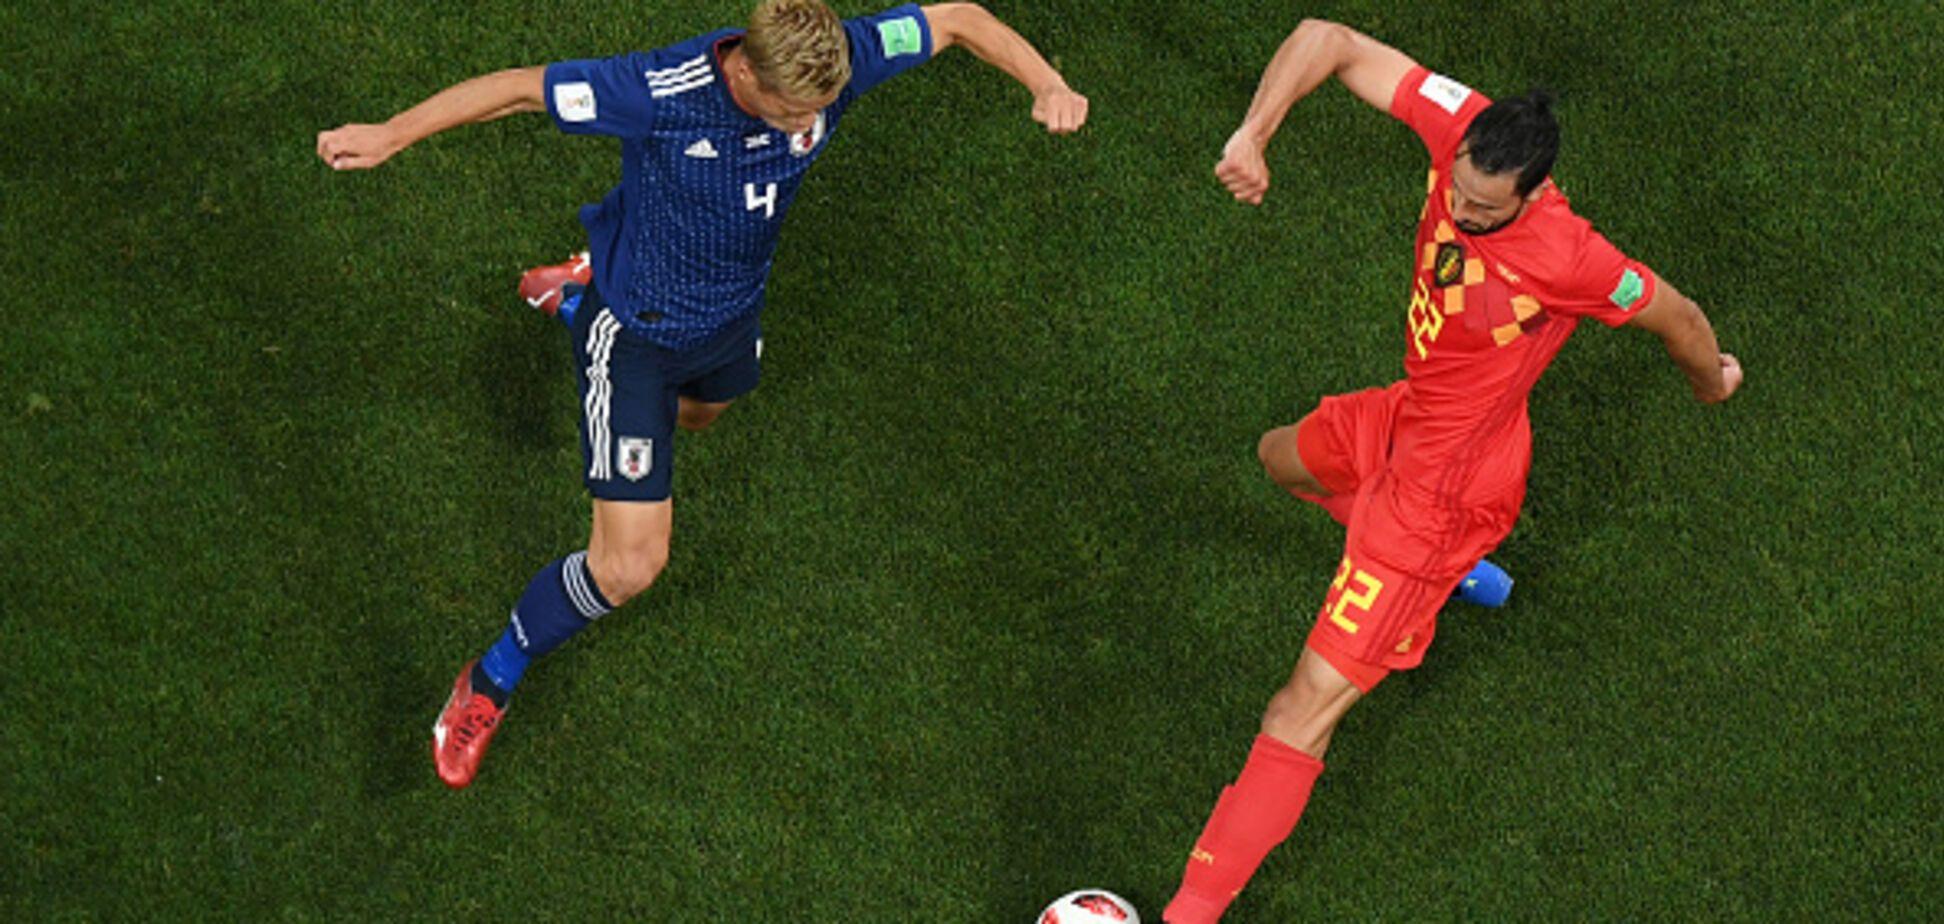 Бельгія - Японія: огляд матчу 1/8 фіналу ЧС-2018